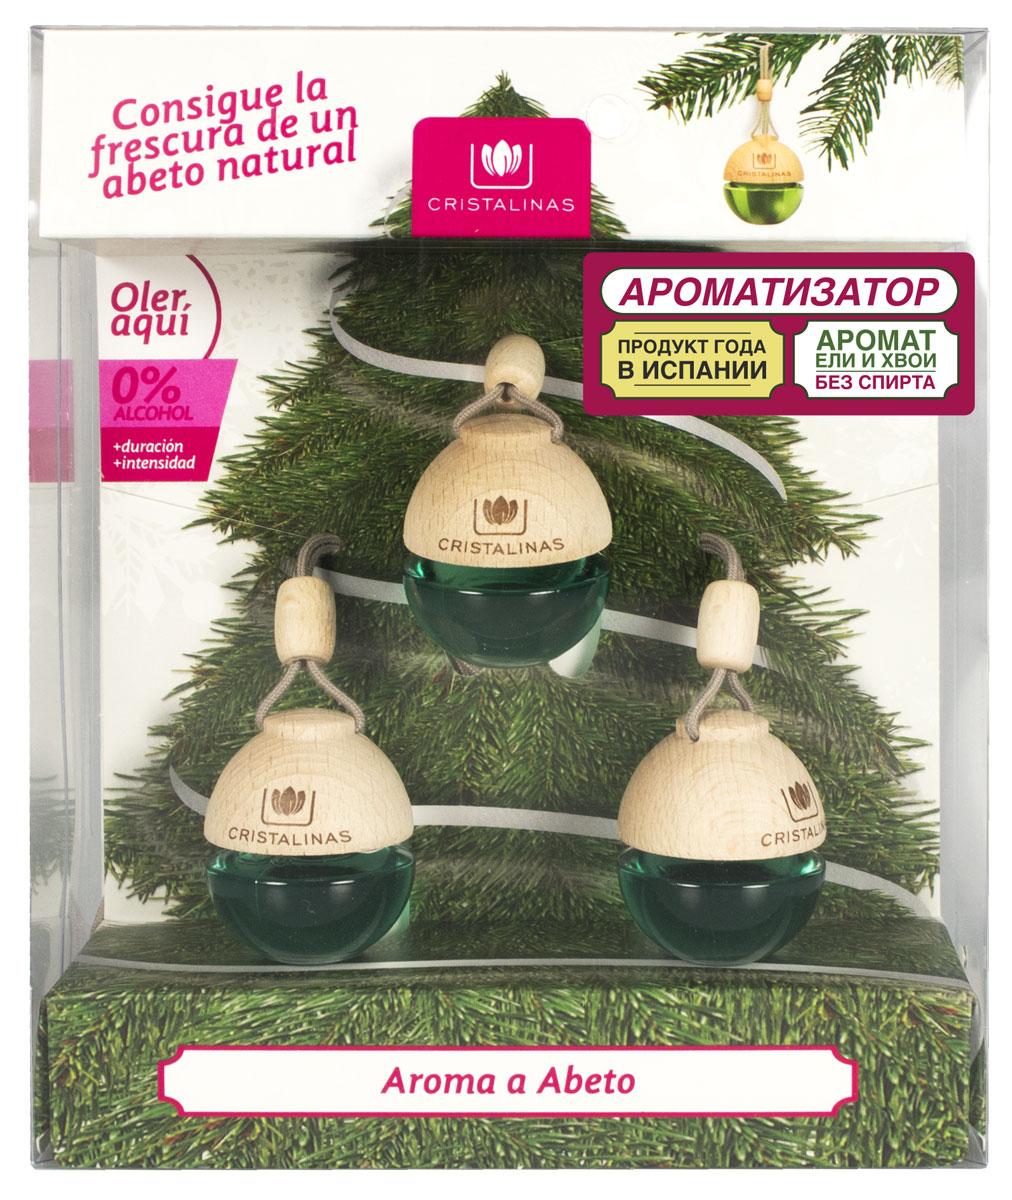 Ароматизатор автомобильный Cristalinas Auto, подвесной, новогодняя ель, 3 шт313209Испанский ароматизатор Cristalinas окутает вас ароматом настоящей ели. Этот запах знаком и любим всеми с детства, ведь он переносит вас в атмосферу теплого семейного праздника. Слегка горьковатый, прохладный, напористый аромат еловой хвои сочетает в себе благородное звучание парфюмерных нот и очарование хвойного леса. Способ применения: 1. Открутите деревянную крышку и извлеките колпачок. 2. Закрутите деревянную крышку, повесьте на ёлку затянув шнурок. 3. Закрутите деревянную крышку, повесьте на зеркало заднего вида, затянув во избежание контакта с лобовым стеклом во время движения. 4. Переверните ёмкость и держите в таком положении не дольше 5 сек. Способ хранения: хранить в недоступном для детей месте. Меры предосторожности: не употреблять внутрь. Избегать попадания в глаза и прямого контакта с кожей (может вызвать аллергическую реакцию). При попадании на кожу тщательно промыть ее проточной водой с мылом. При попадании в глаза промыть их в течение...